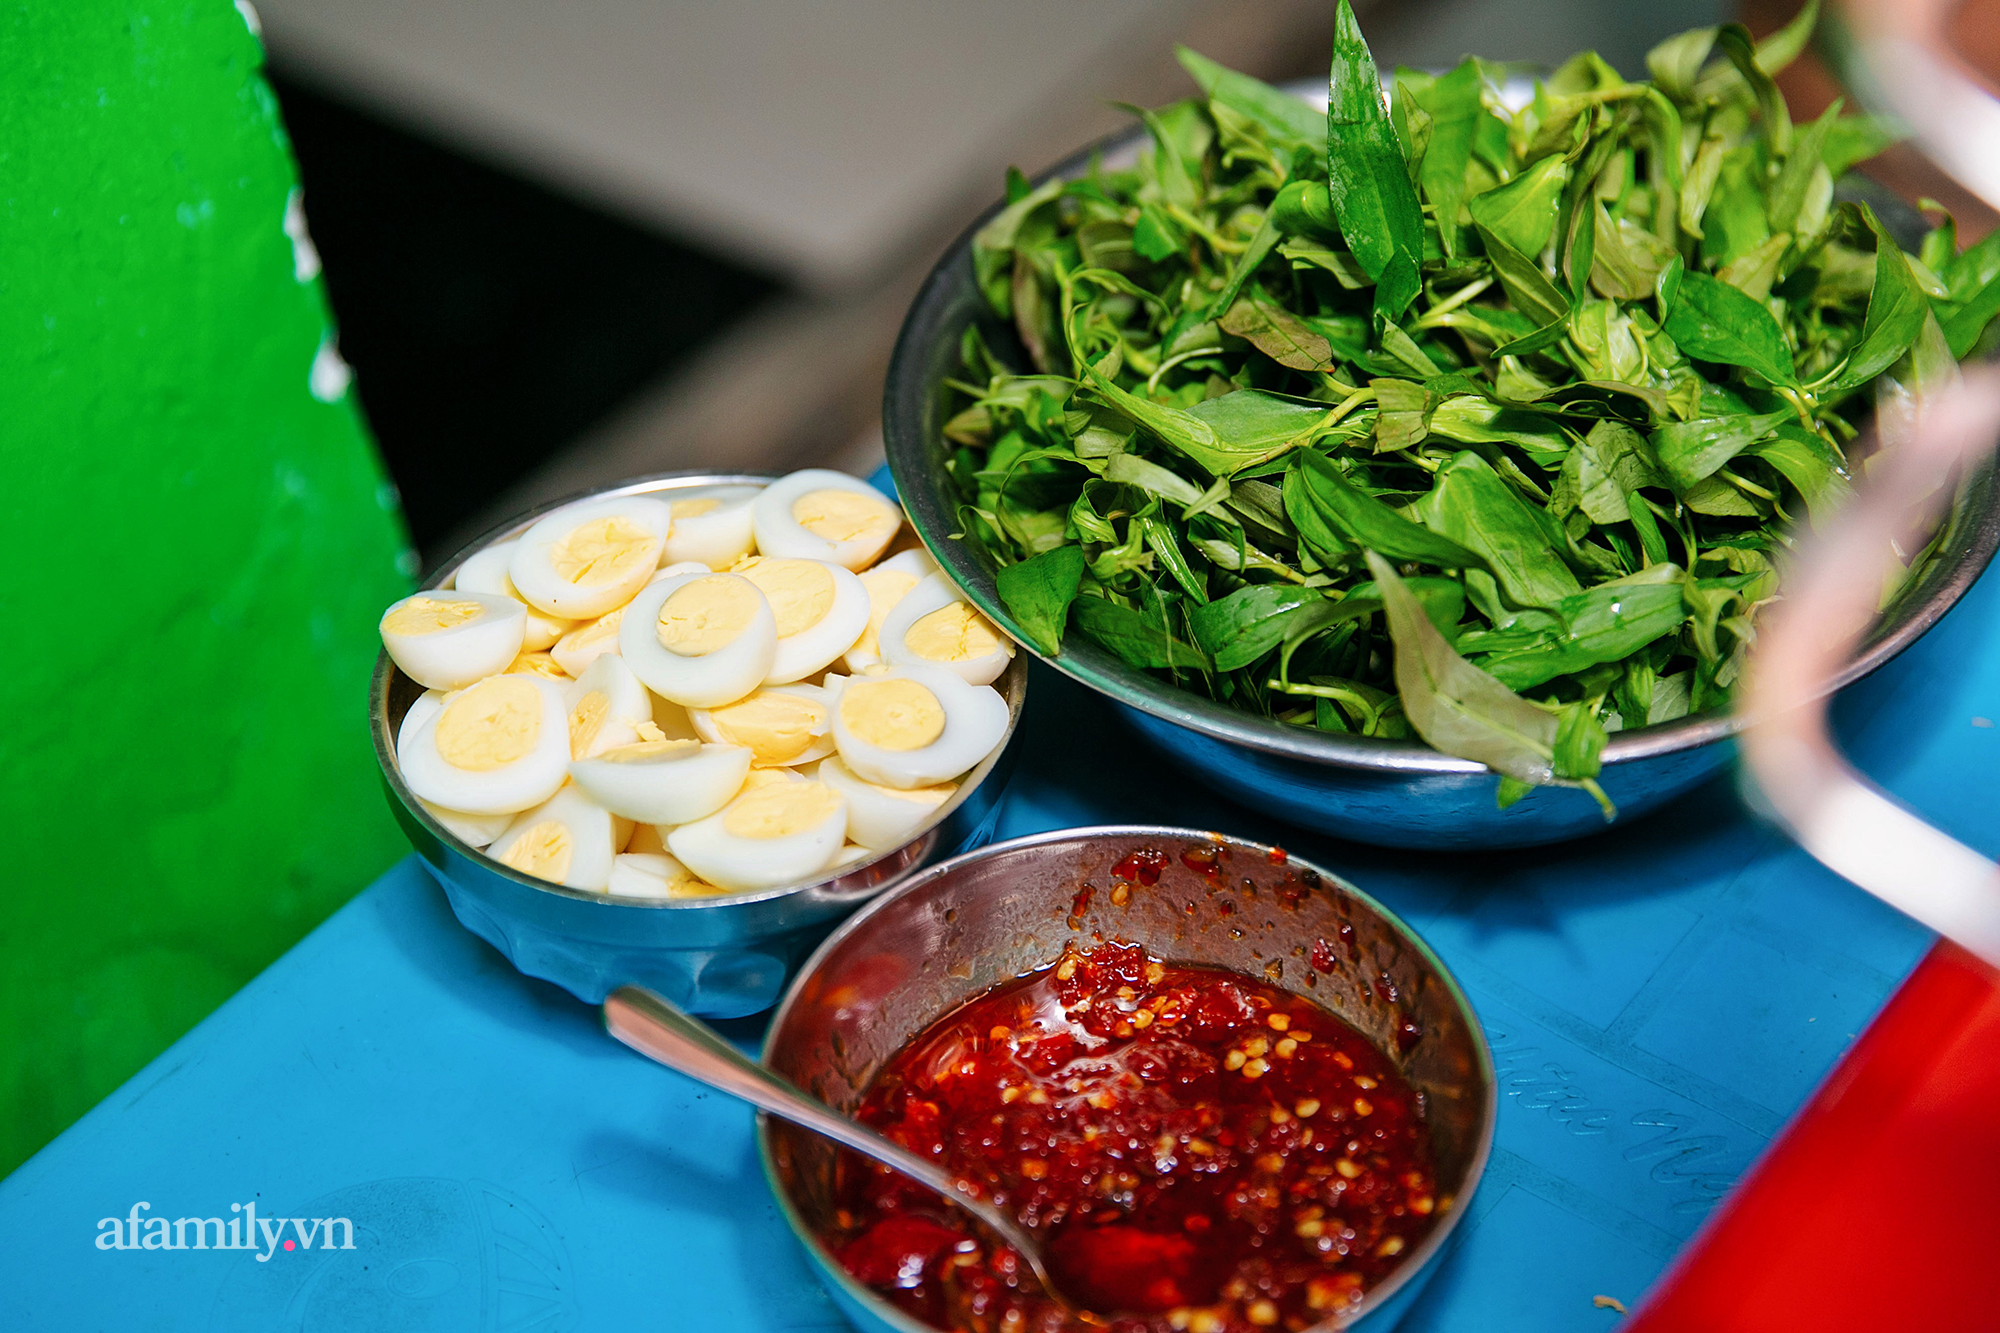 """Đậu hủ kẹp rau răm - món ăn siêu lạ khiến người đàn ông từ vô danh ở Châu Đốc bỗng trở nên nổi tiếng, nay được cả Sài Gòn săn lùng ăn thử để biết vì sao có thể """"mua 1 lời 5""""!? - Ảnh 5."""